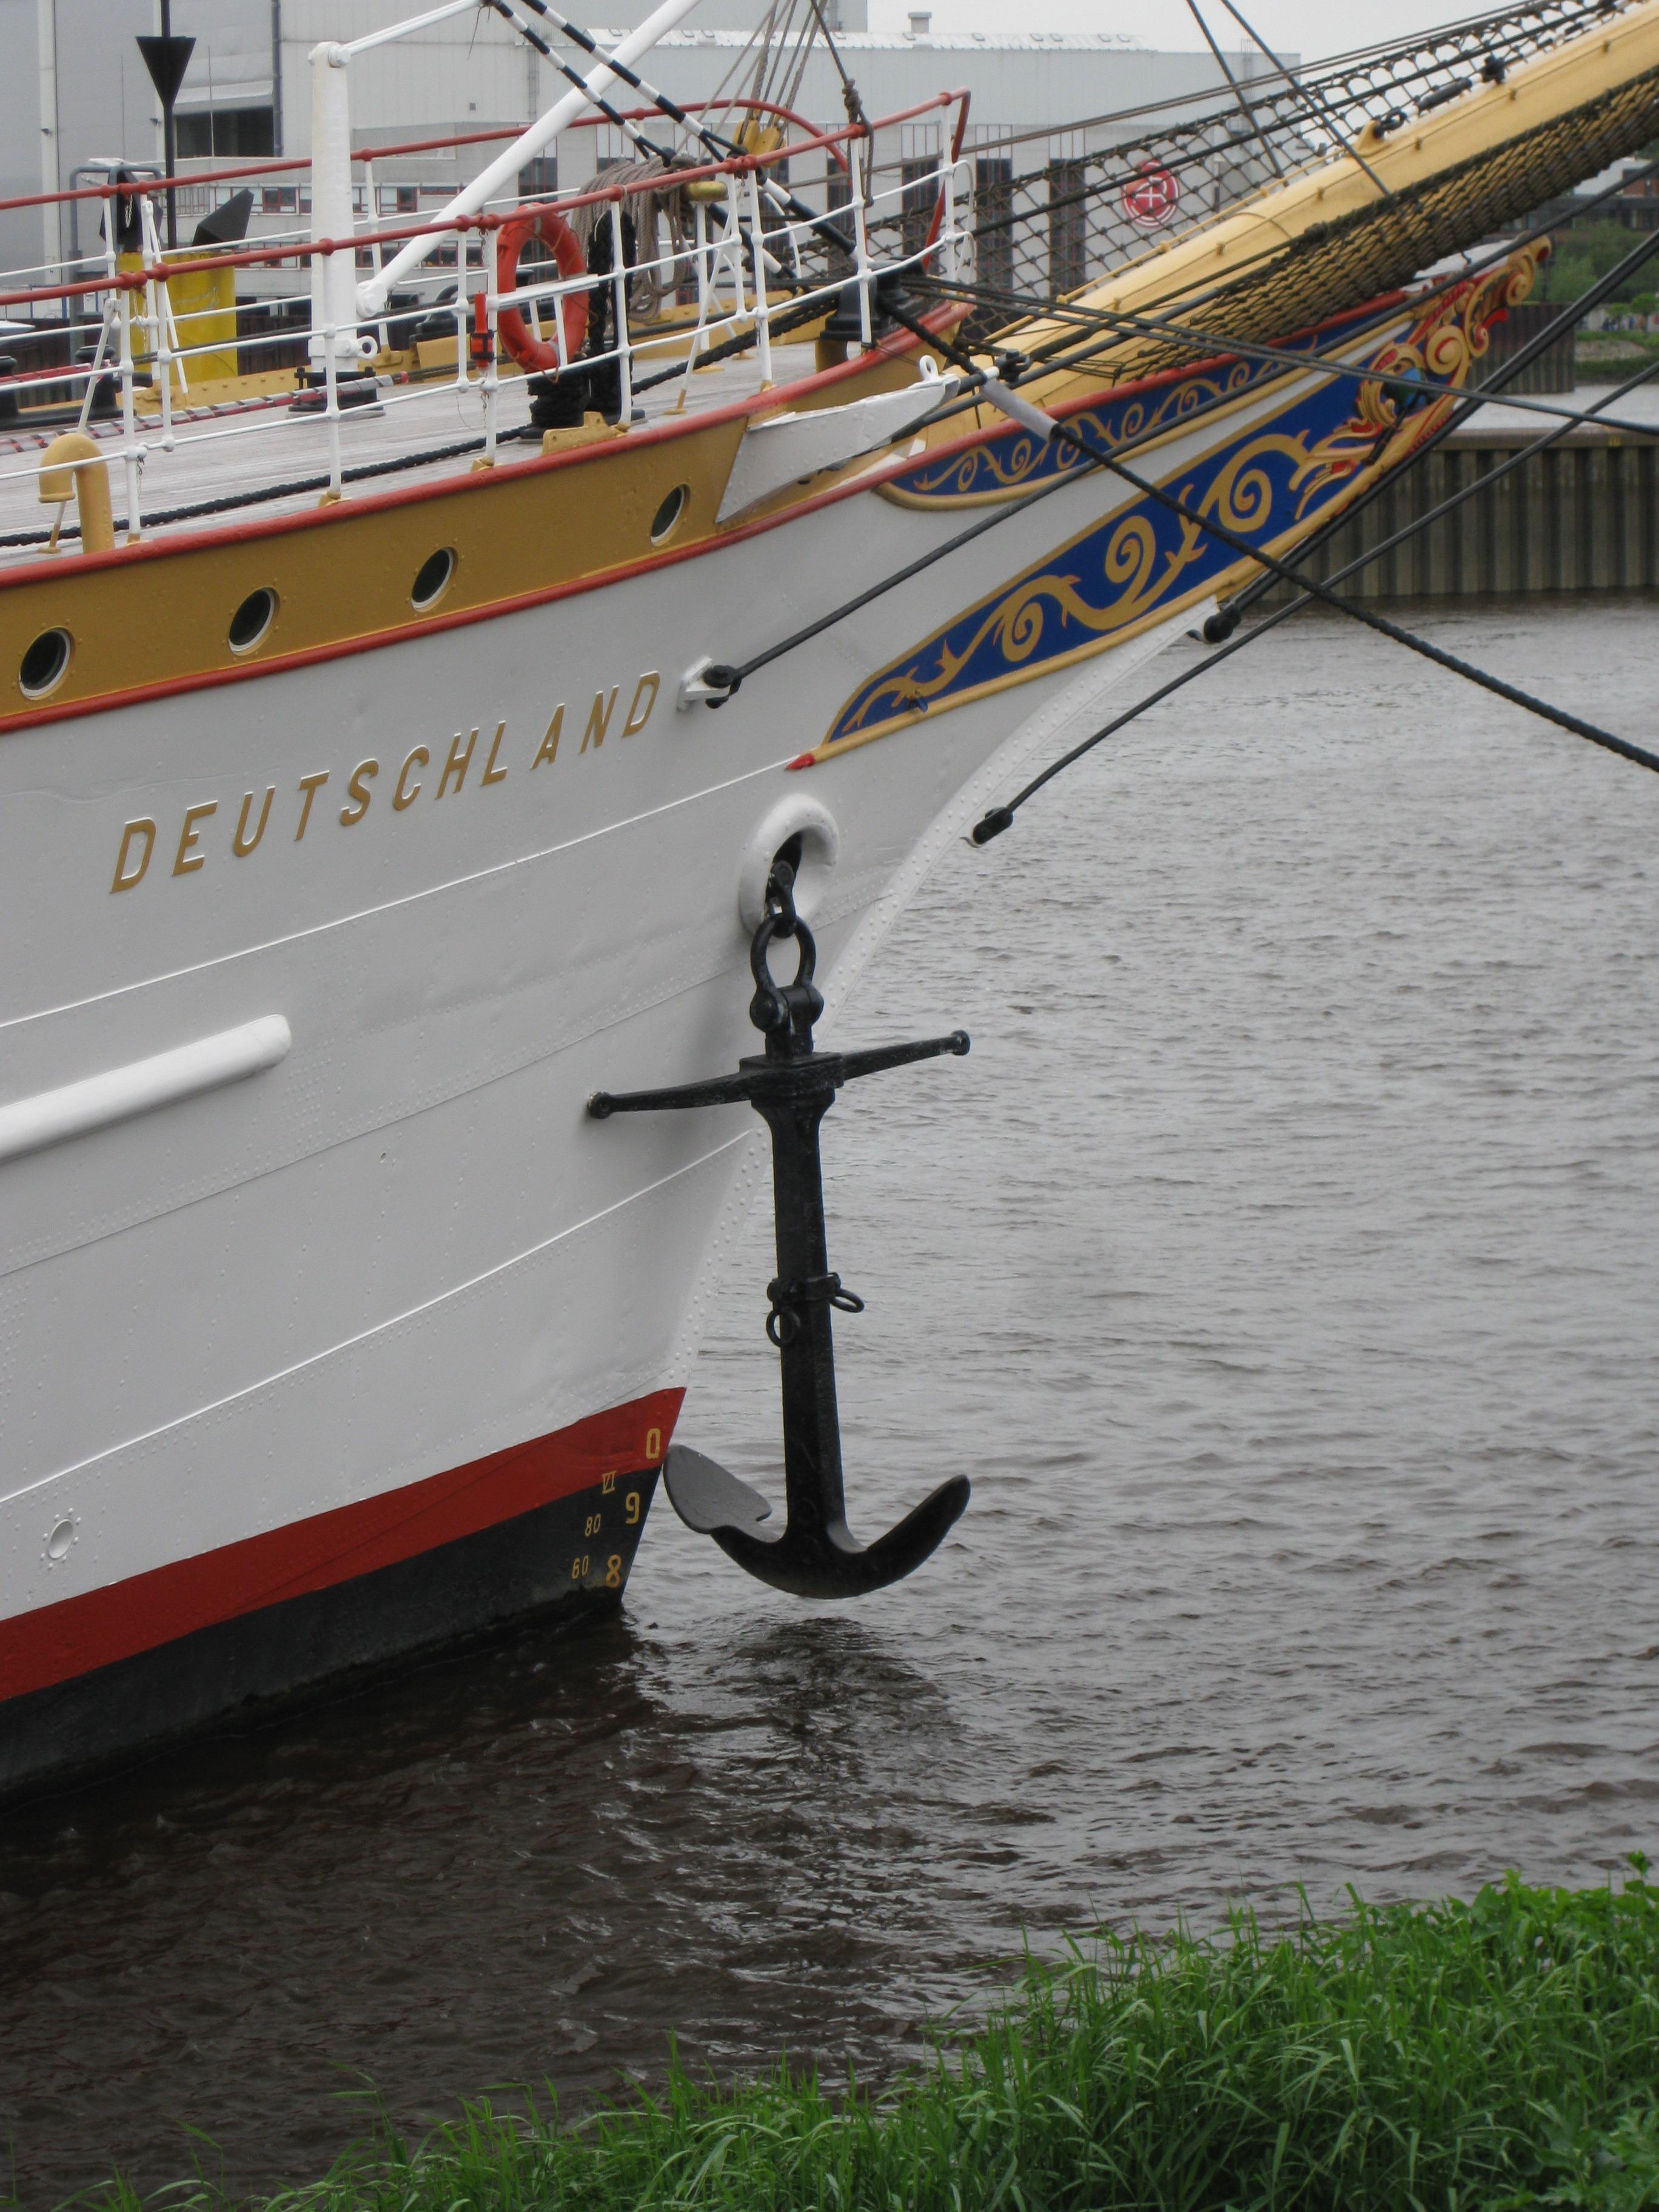 фото картинки якорей и кораблей главное